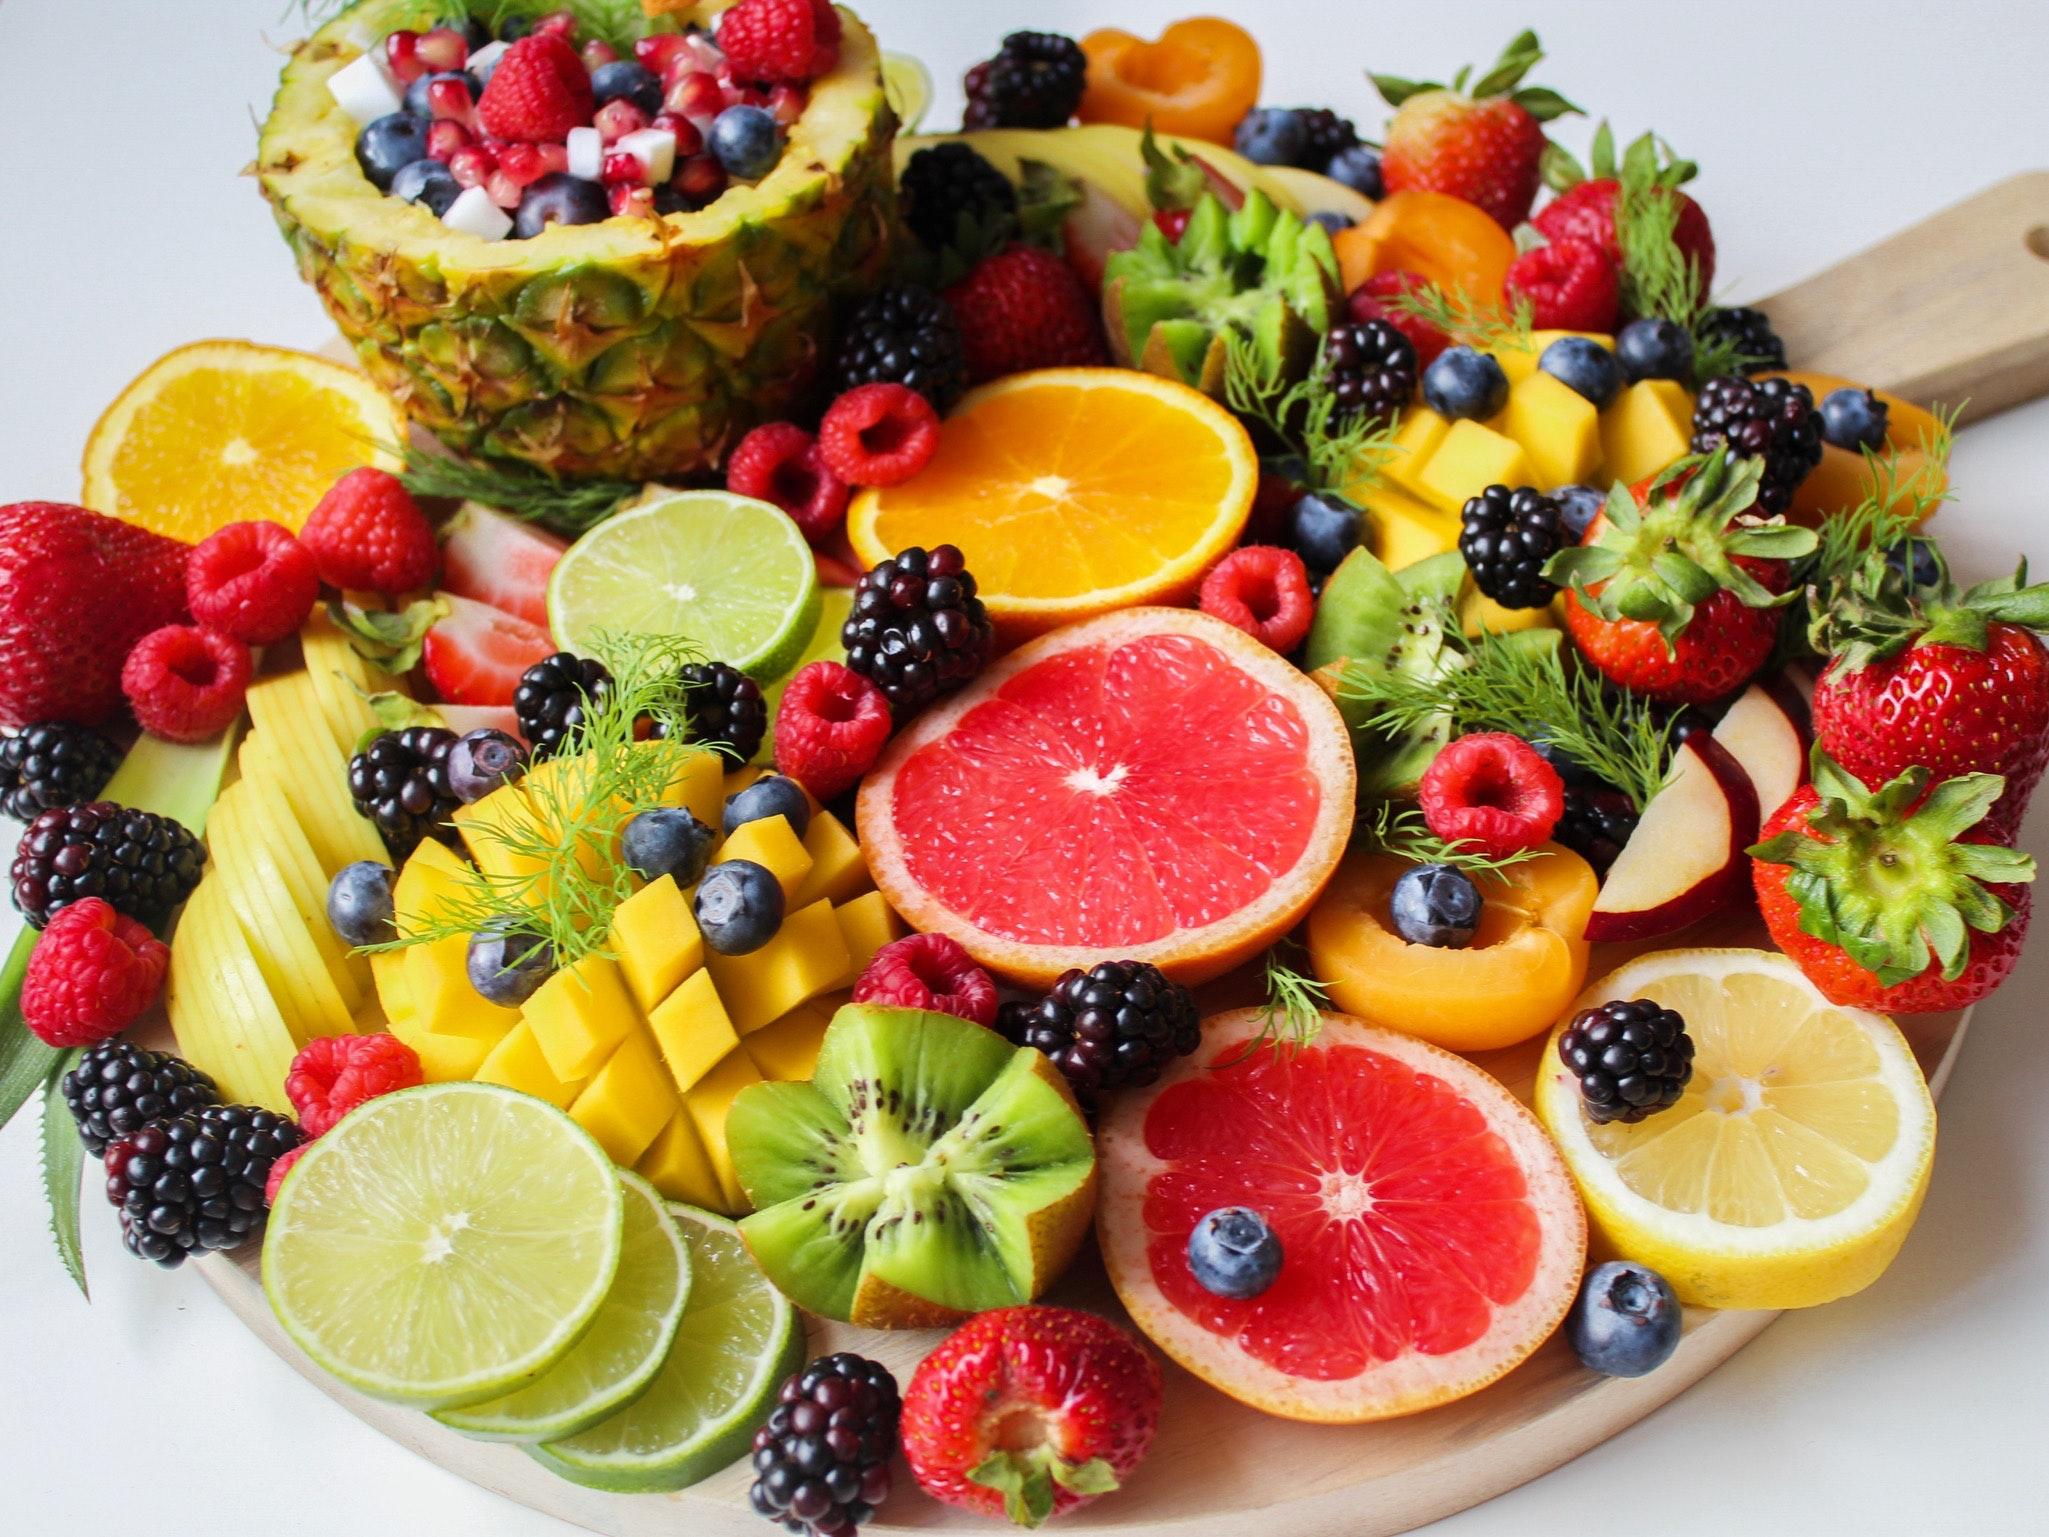 berries citrus citrus fruits